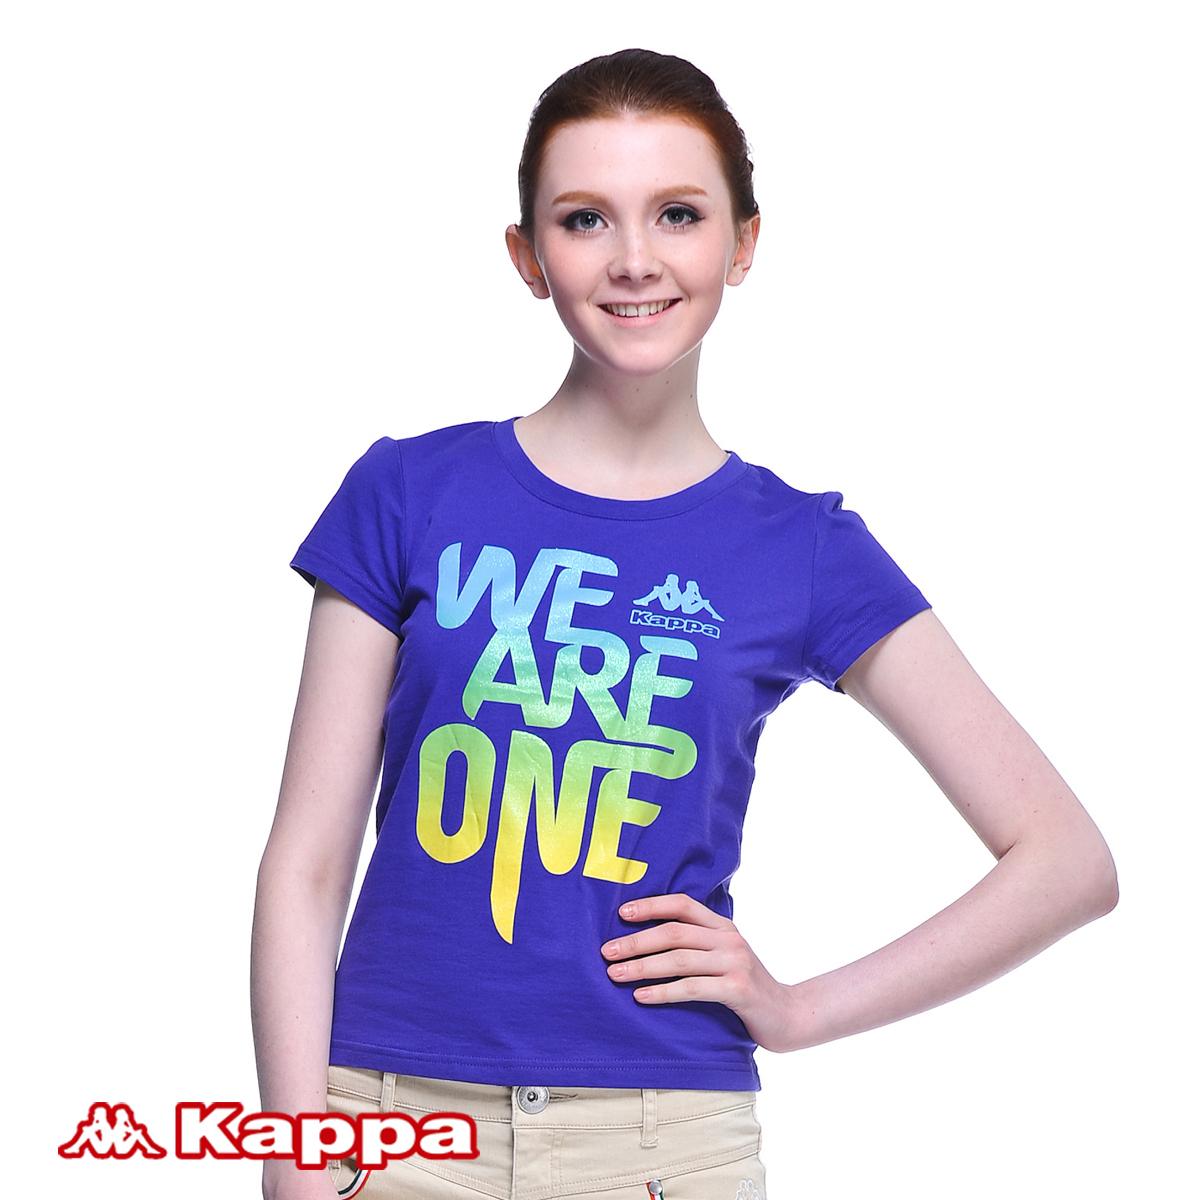 Спортивная футболка KAPPA k0122td20/479 K0122TD20-479 Стандартный О-вырез Короткие рукава ( ≧35cm ) 100 хлопок Для спорта и отдыха Воздухопроницаемые % Линейная, Логотип бренда, Надпись